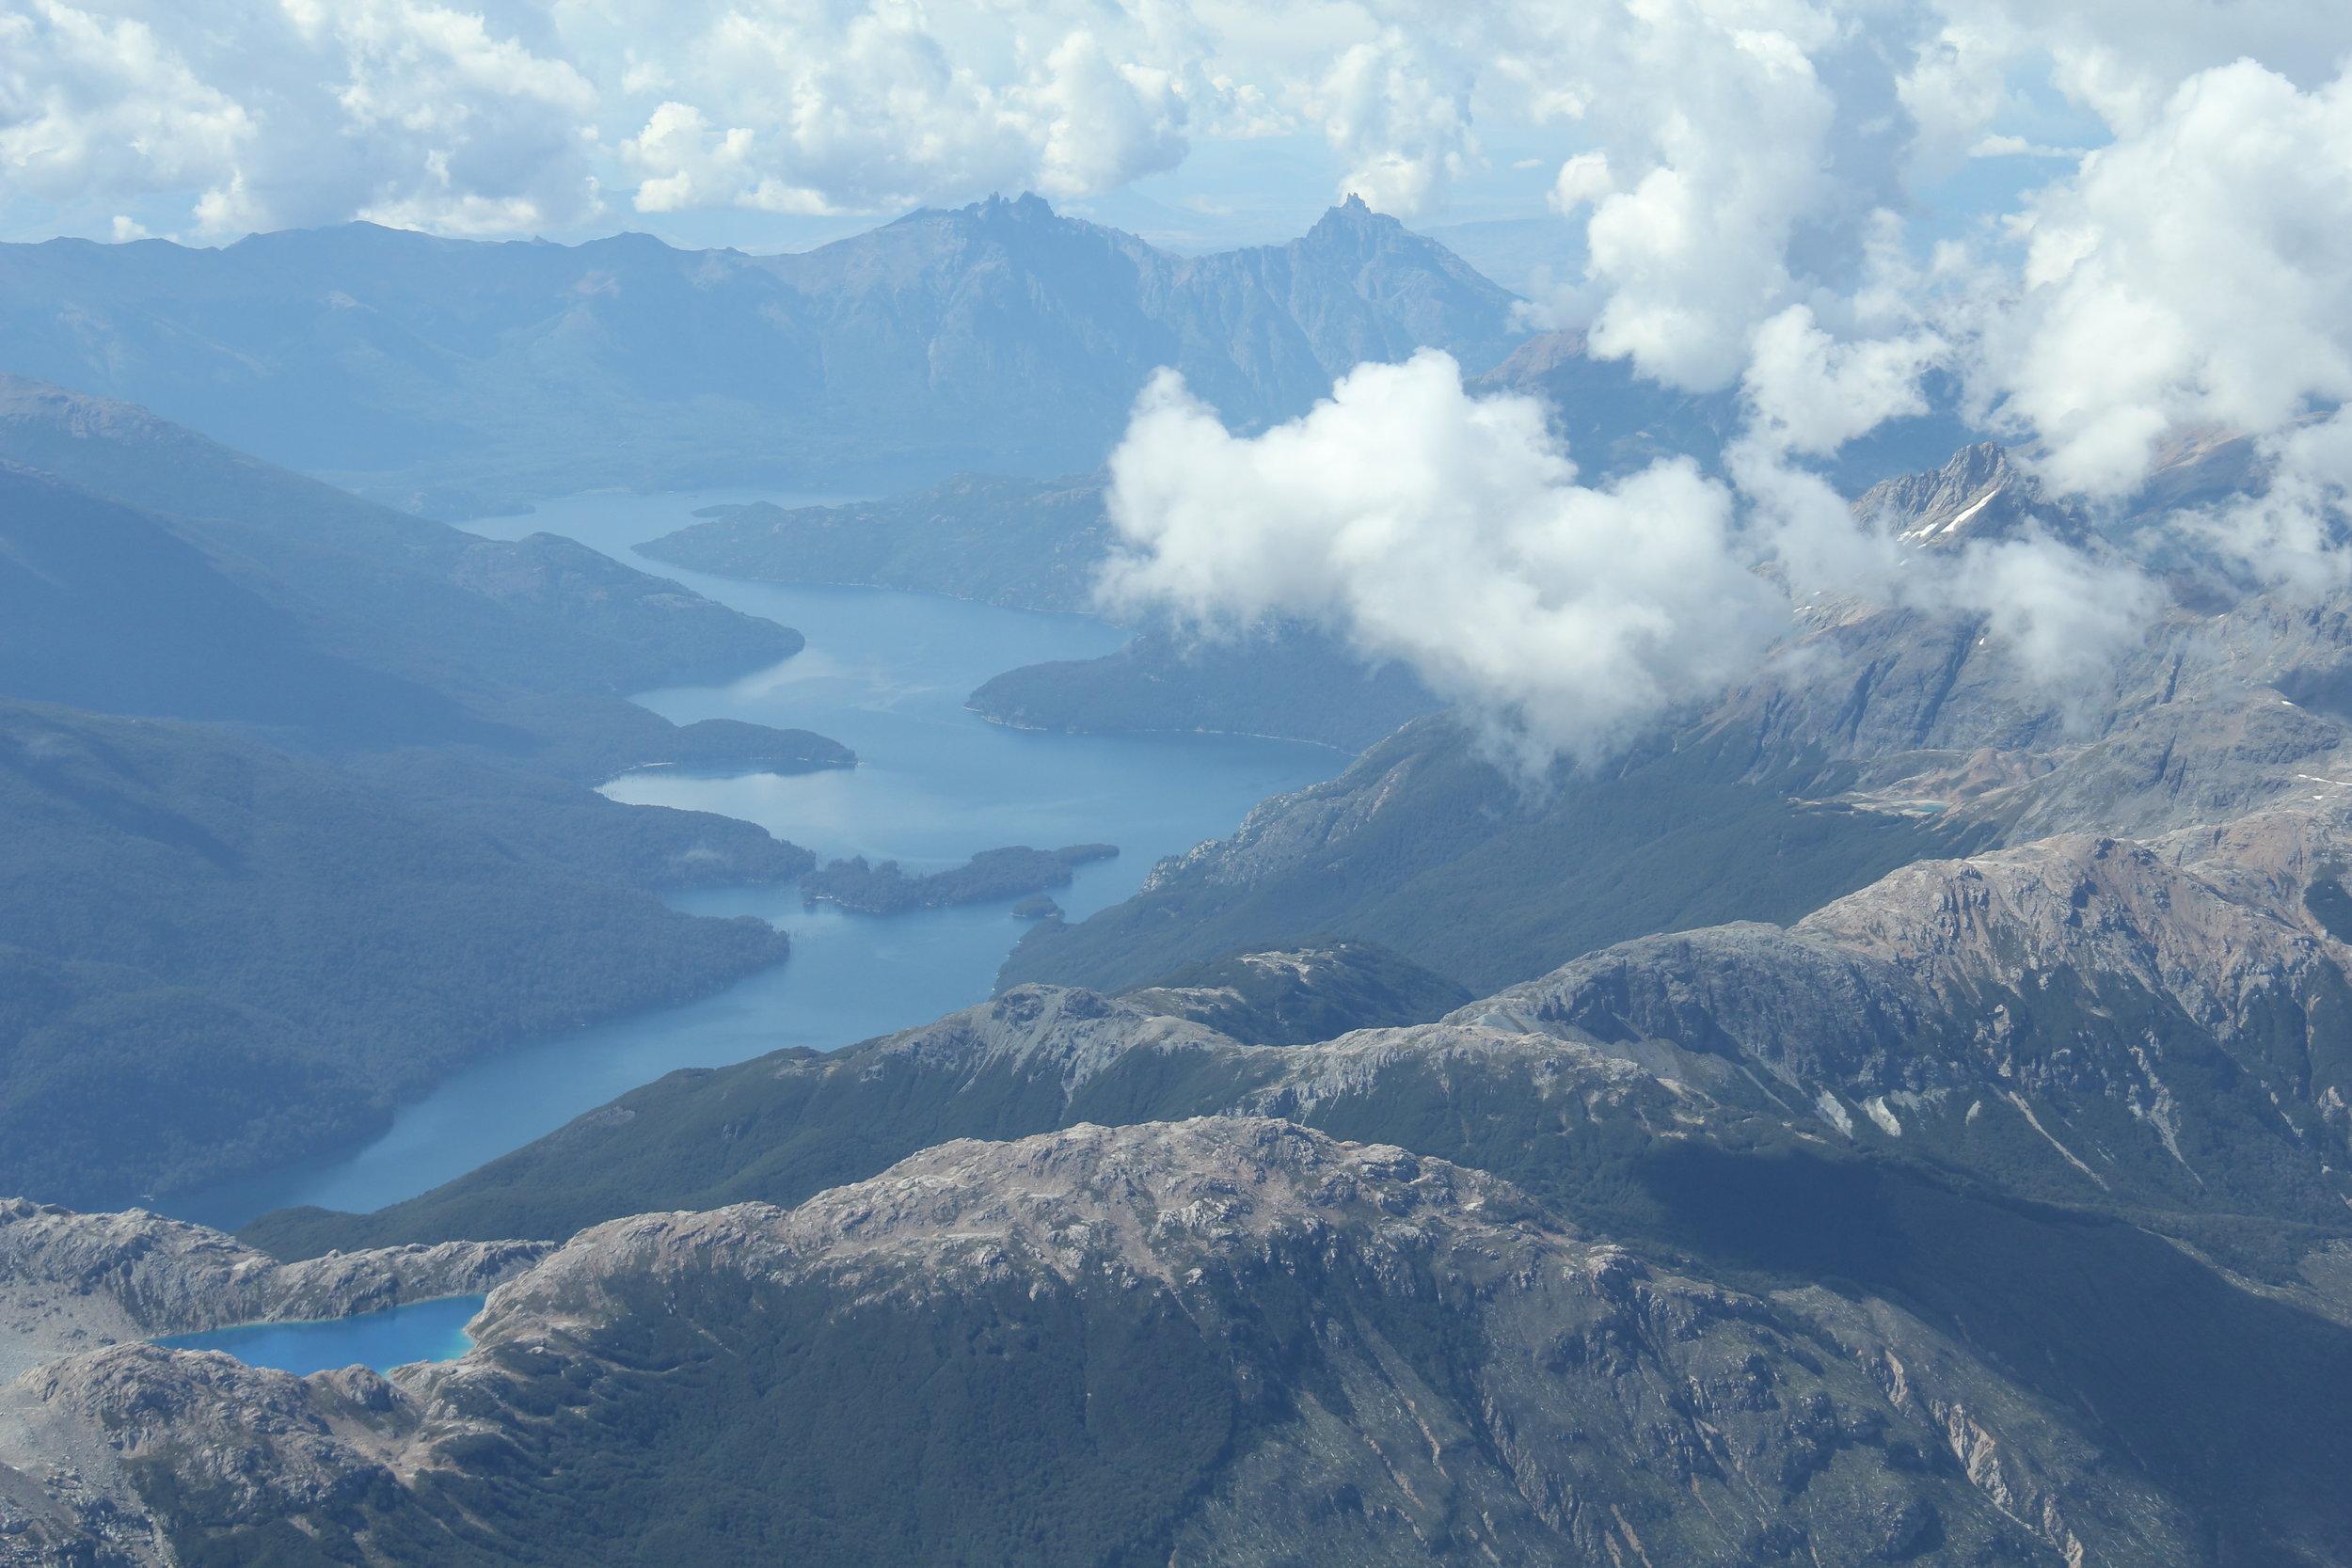 Heli_Patagonia.JPG